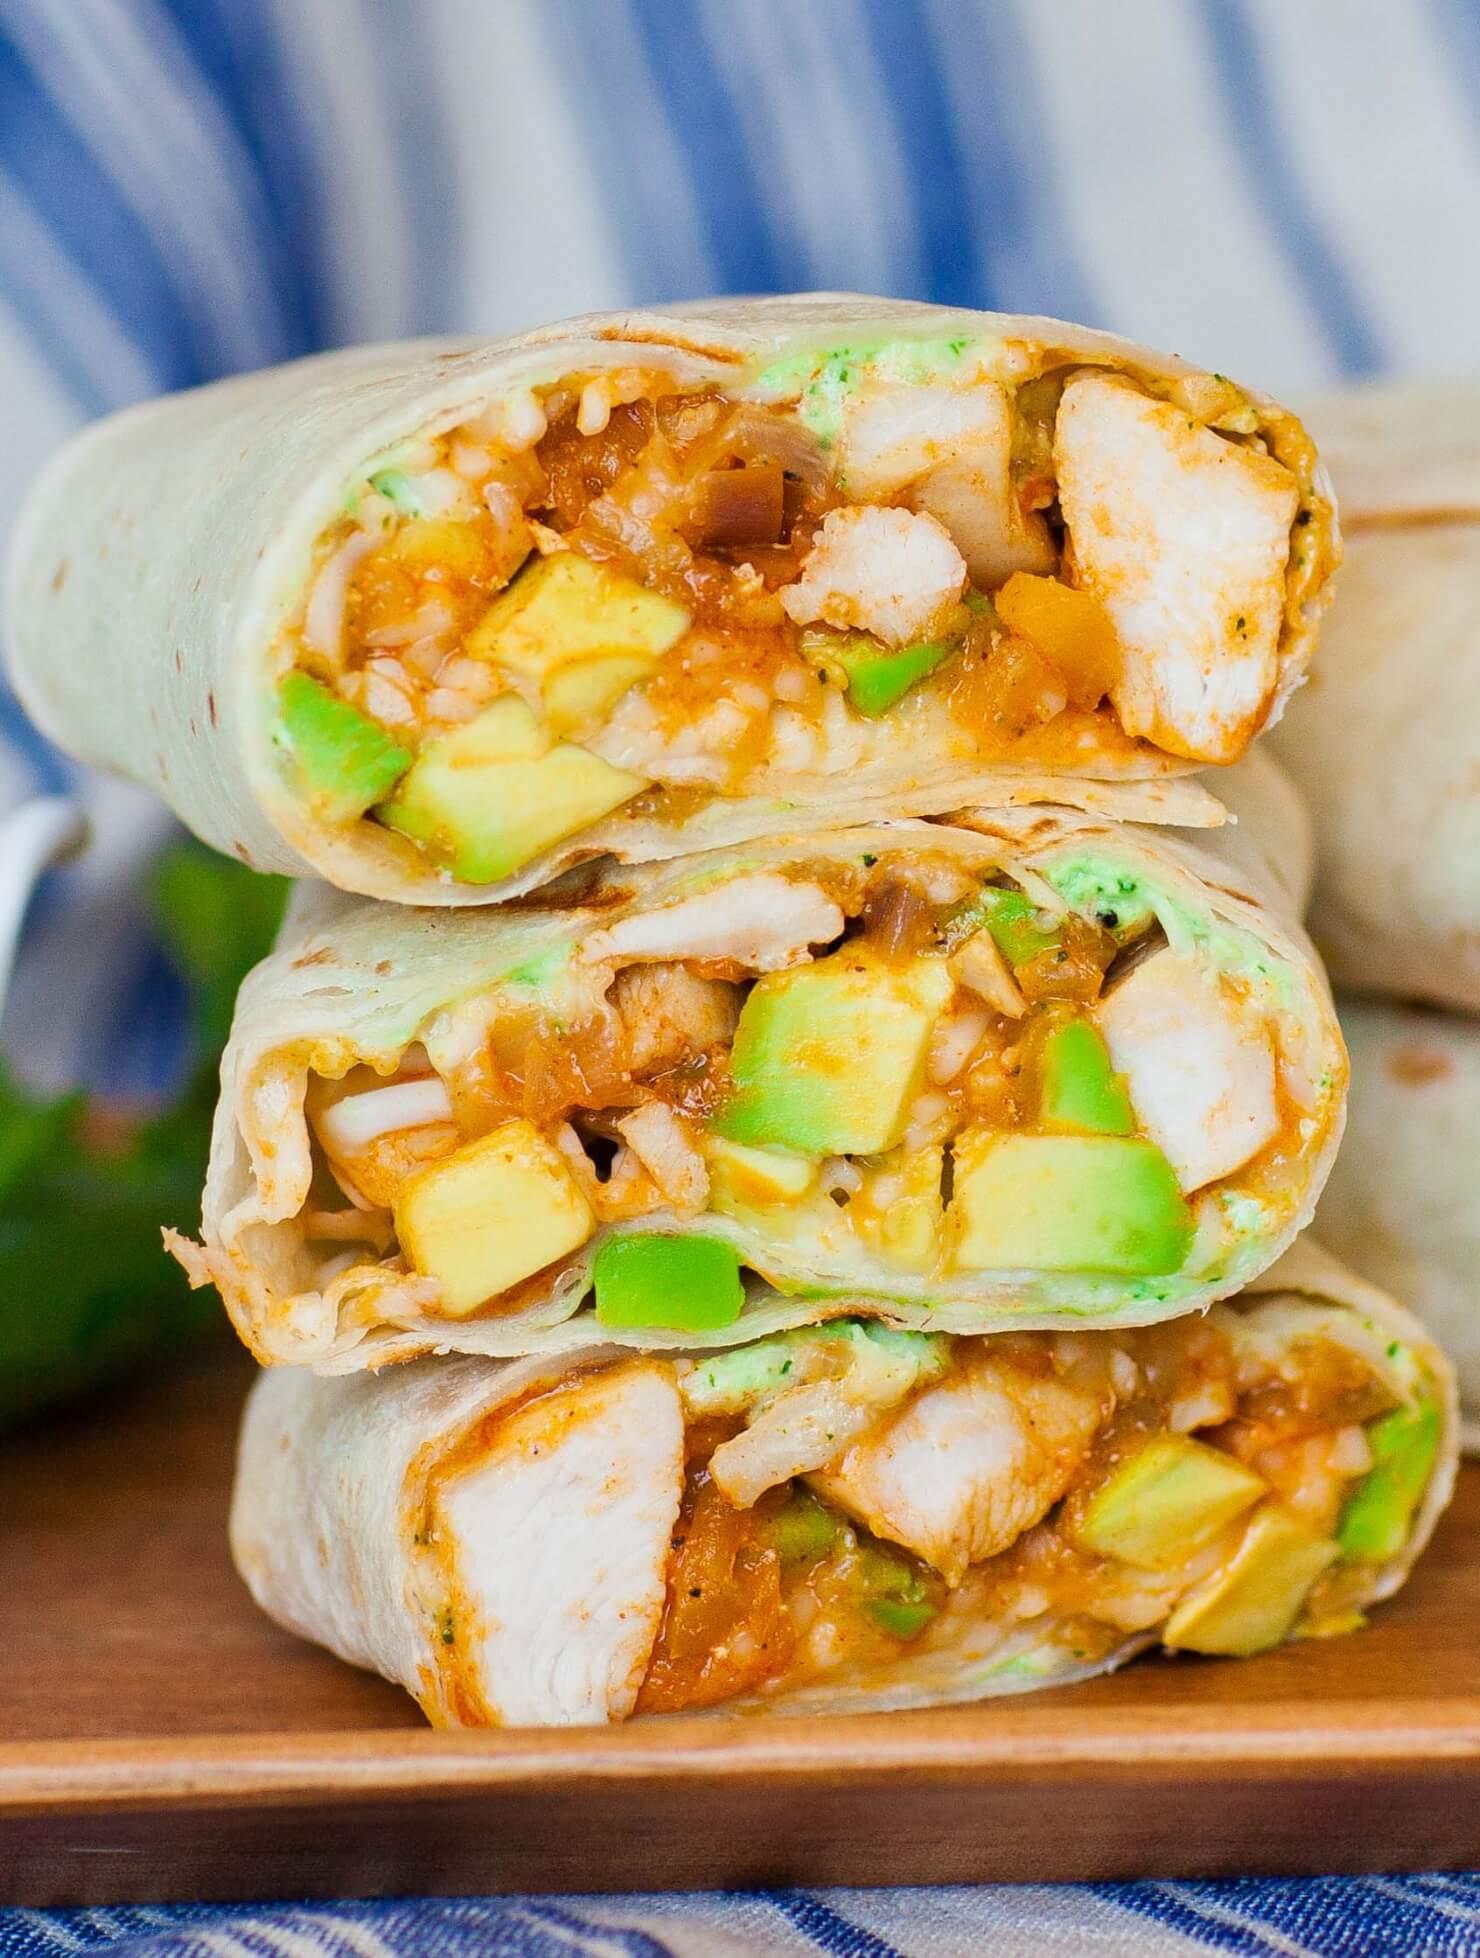 Avocado Chicken Burrito with Cilantro Sauce